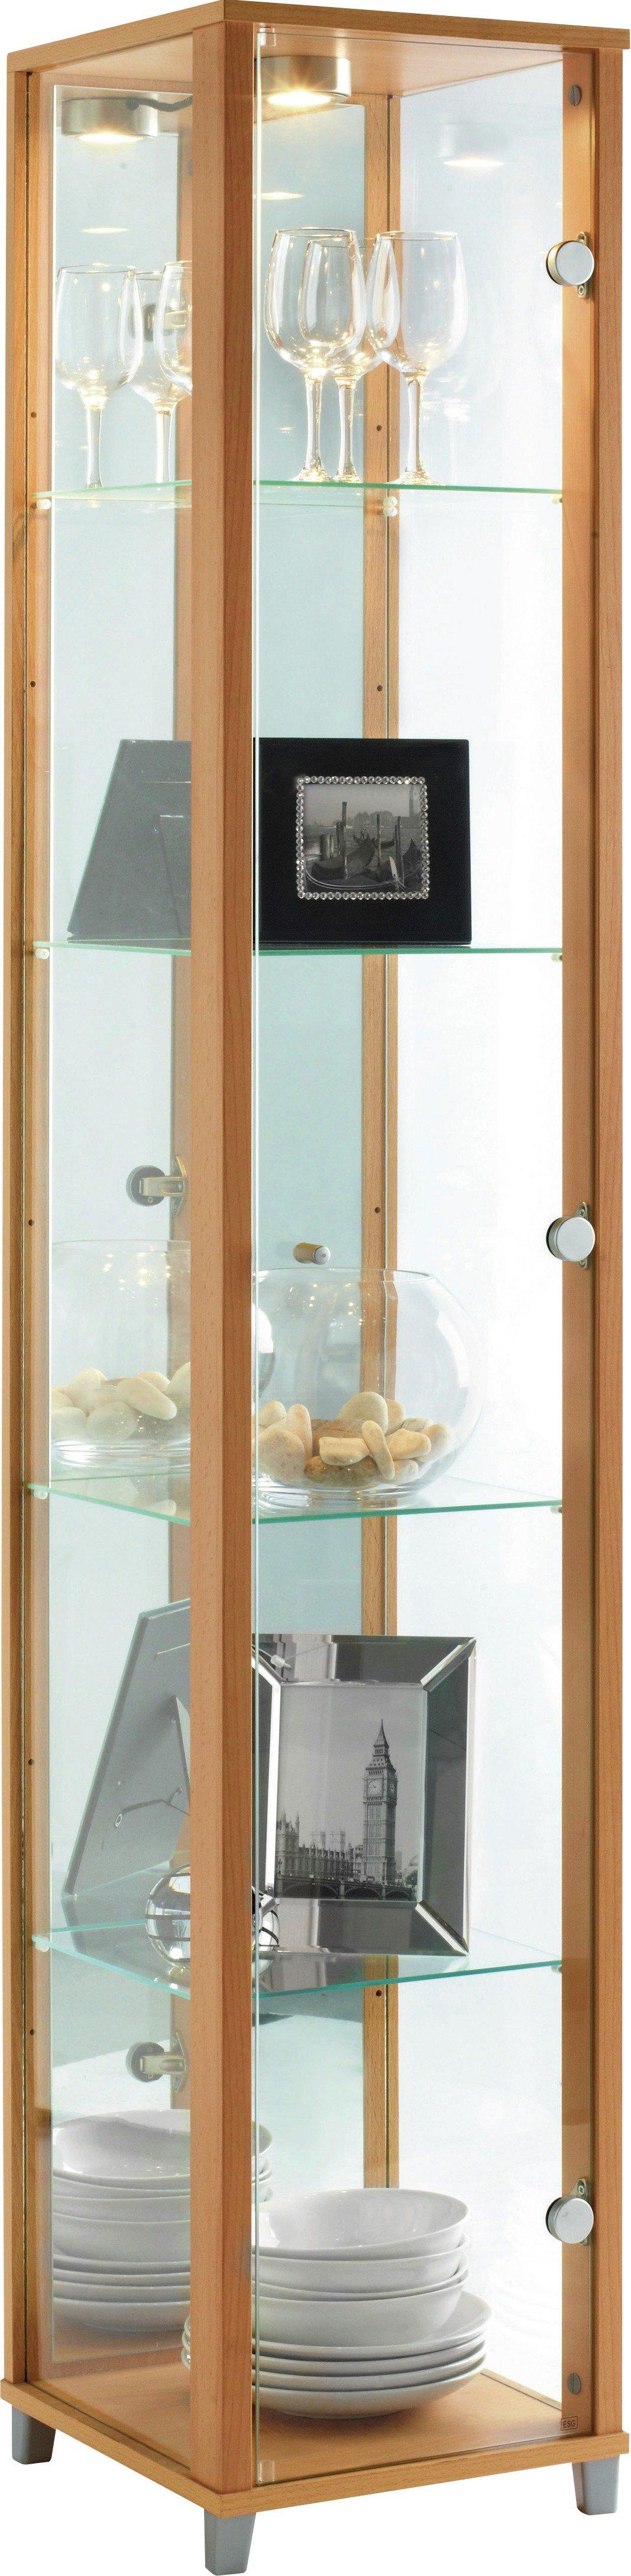 Argos Home 1 Glass Door Display Cabinet - Beech Effect